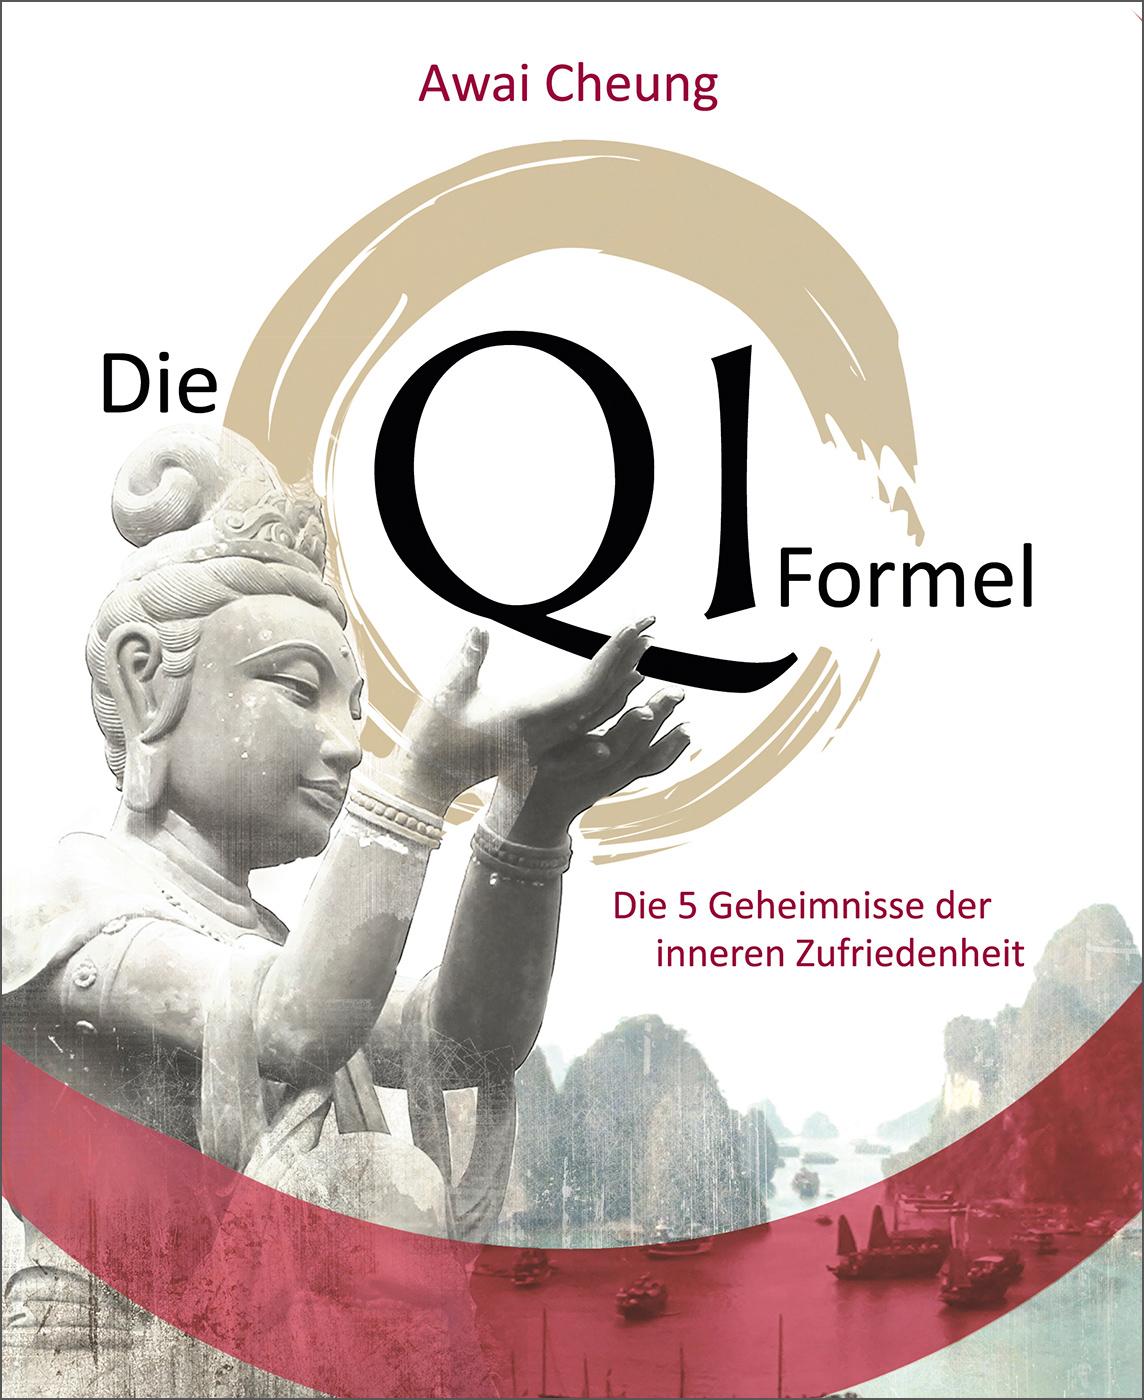 Die Qi-Formel von Awai Cheung